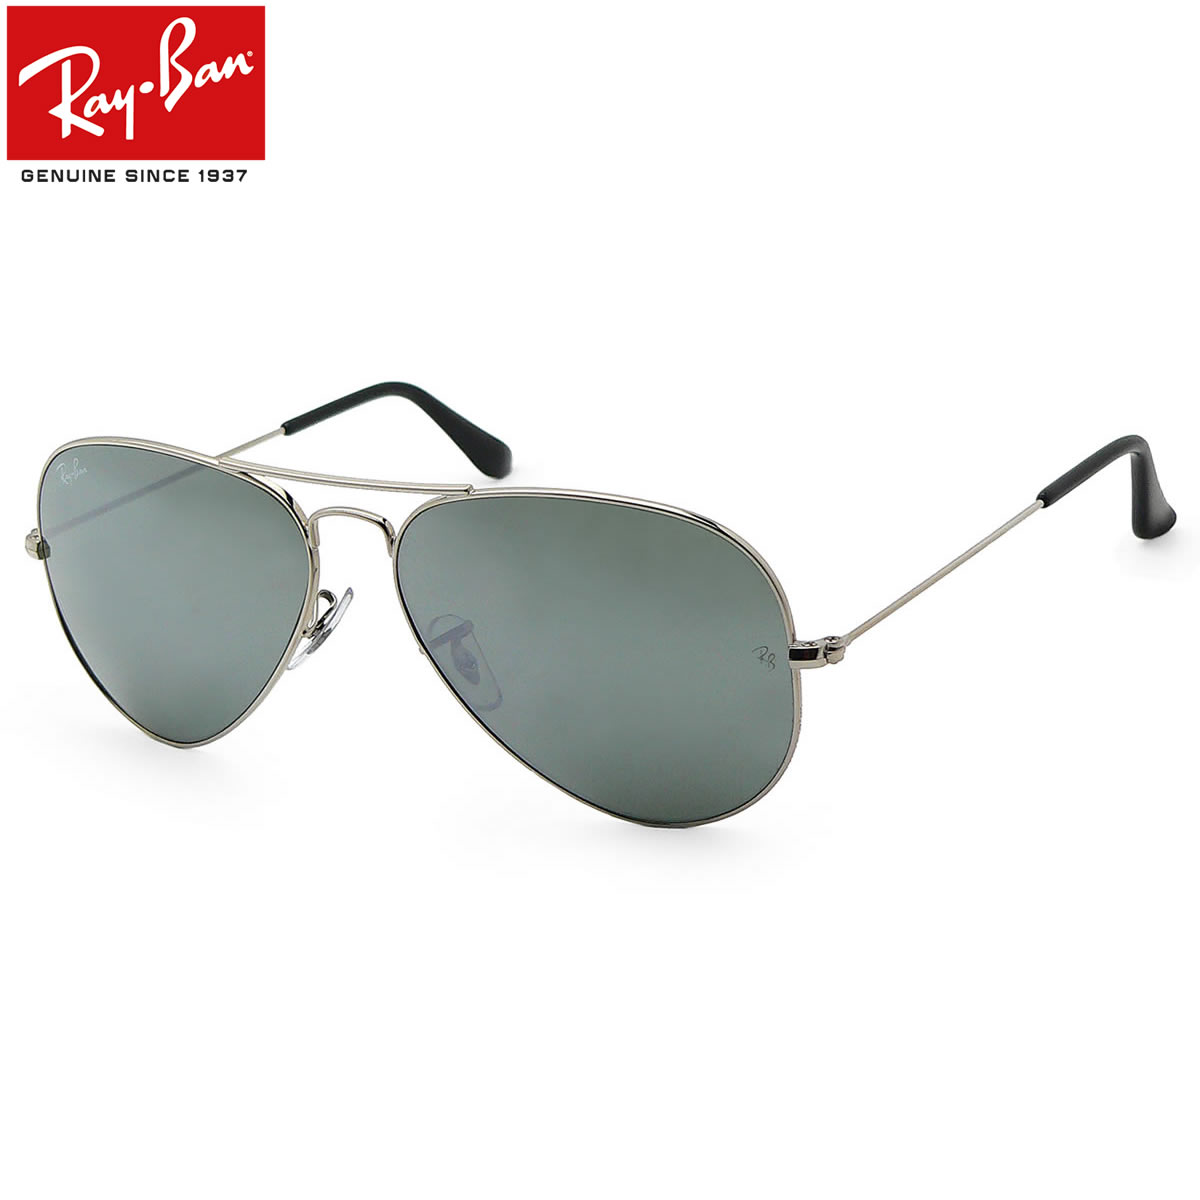 ray ban aviator rb3025 w3277